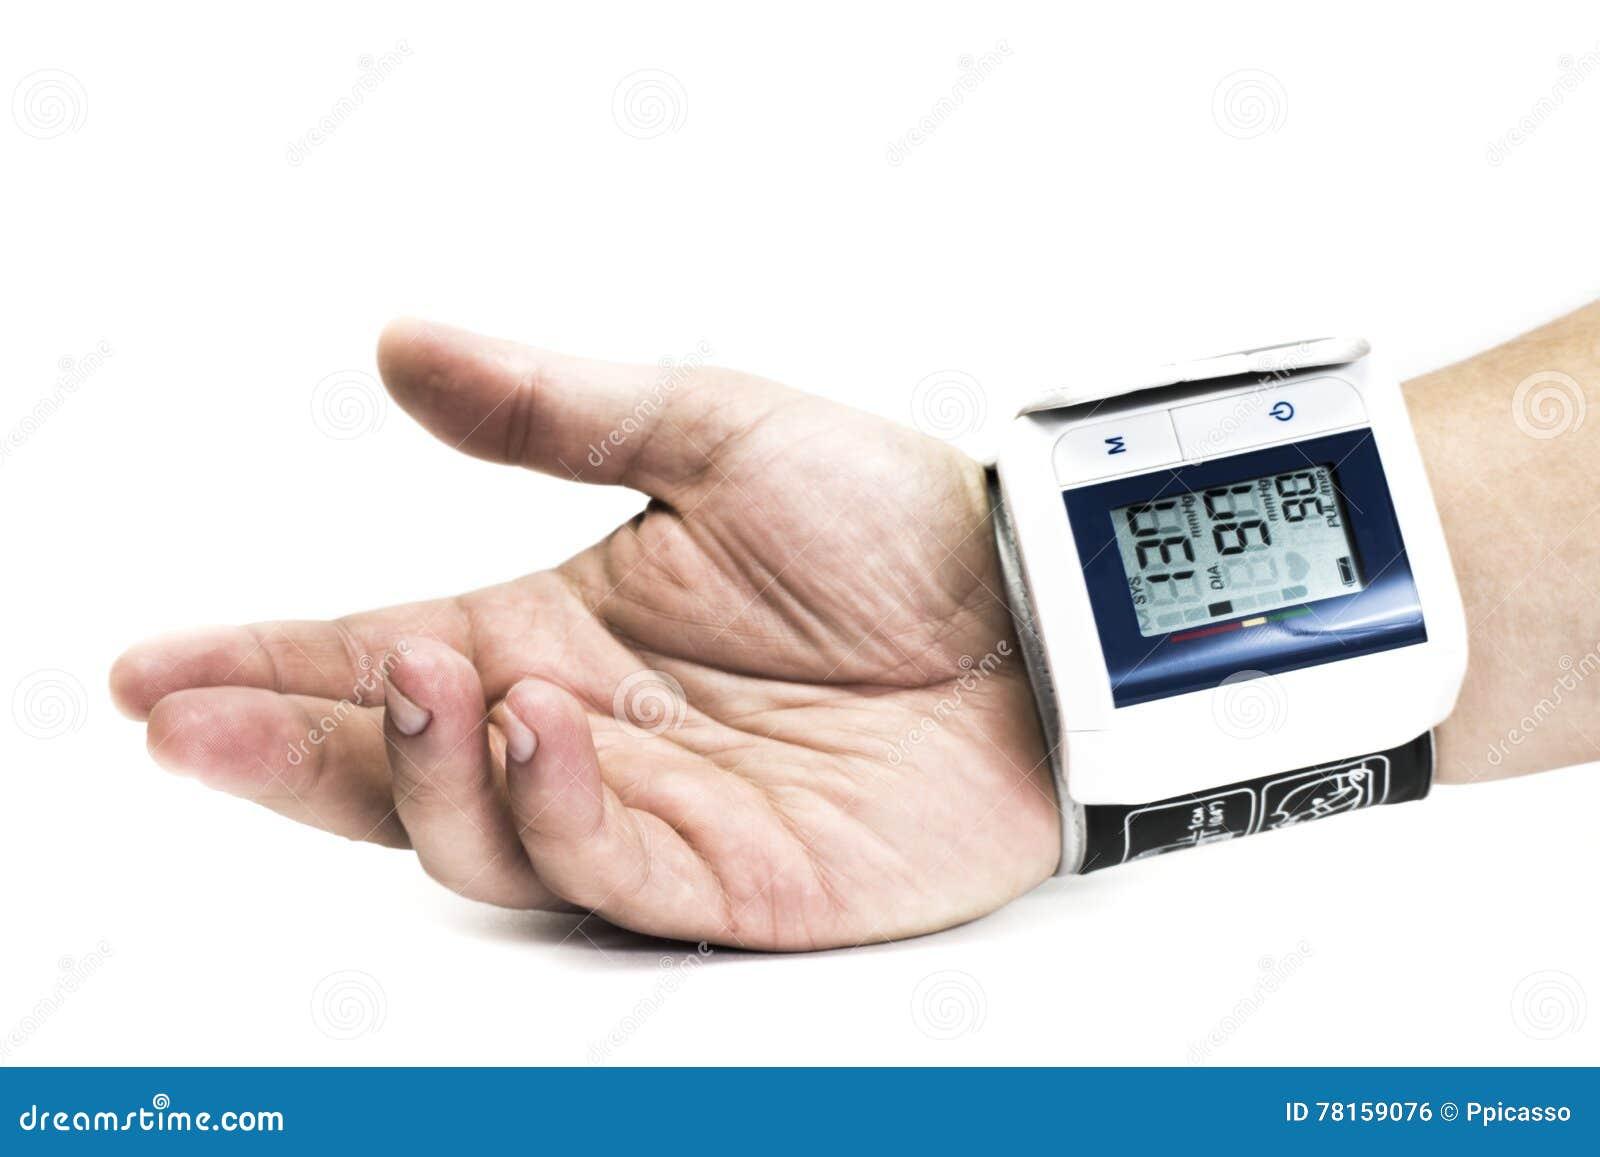 A diroton produttore - Timbro dispositivo per la misurazione della pressione sanguigna